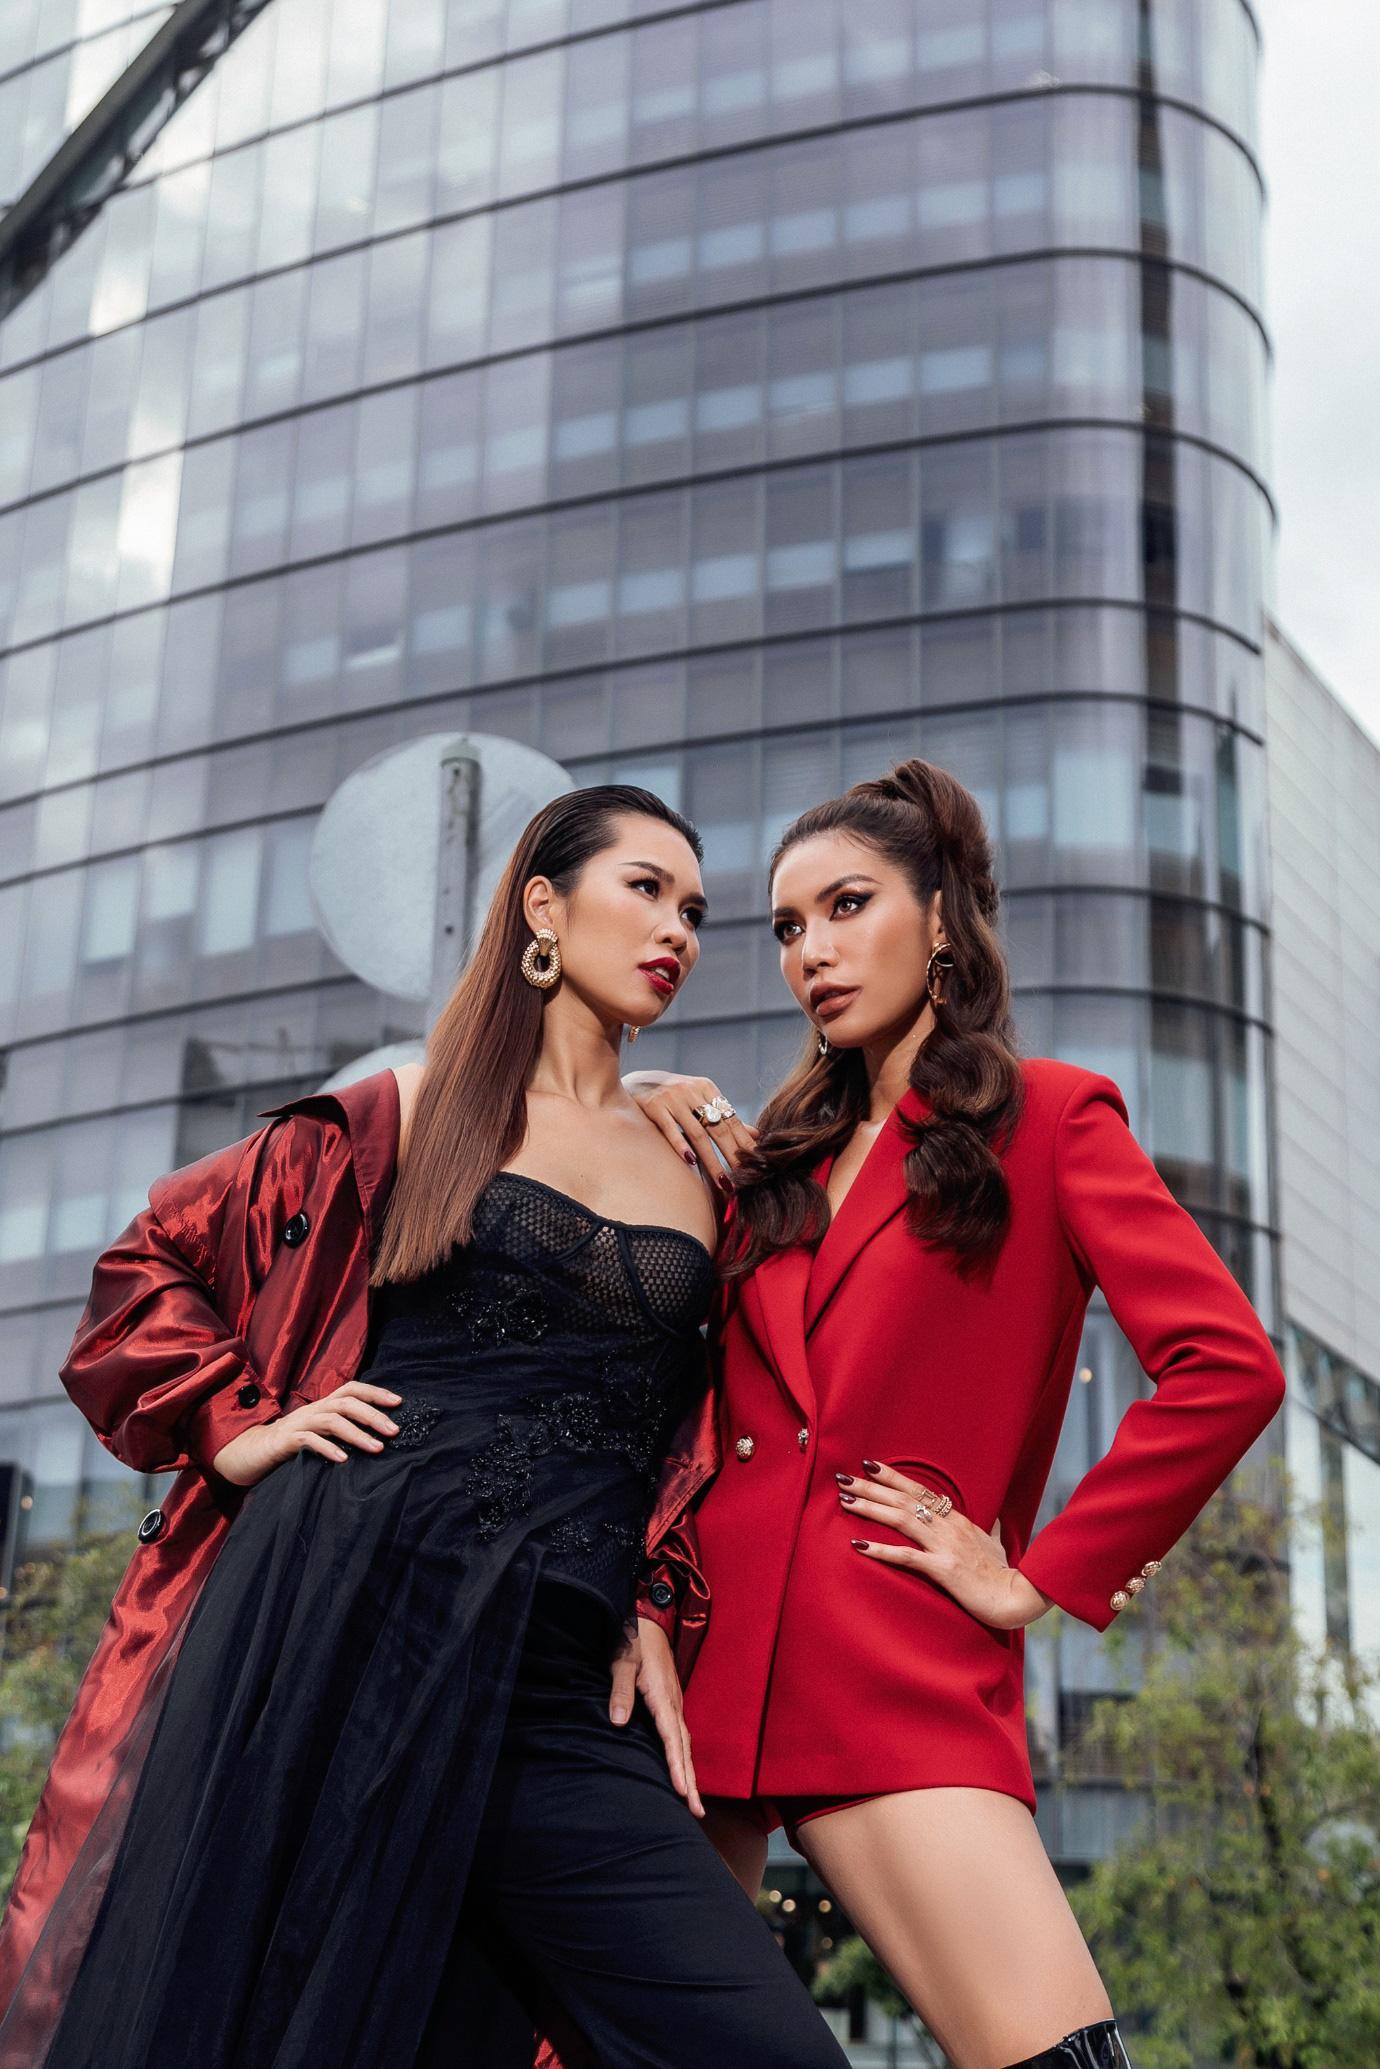 Diện đồ street style vẫn catwalk đầy thần thái, bộ đôi Hà Anh - Minh Tú vừa trở lại đã khuấy đảo làng thời trang Việt - Ảnh 5.